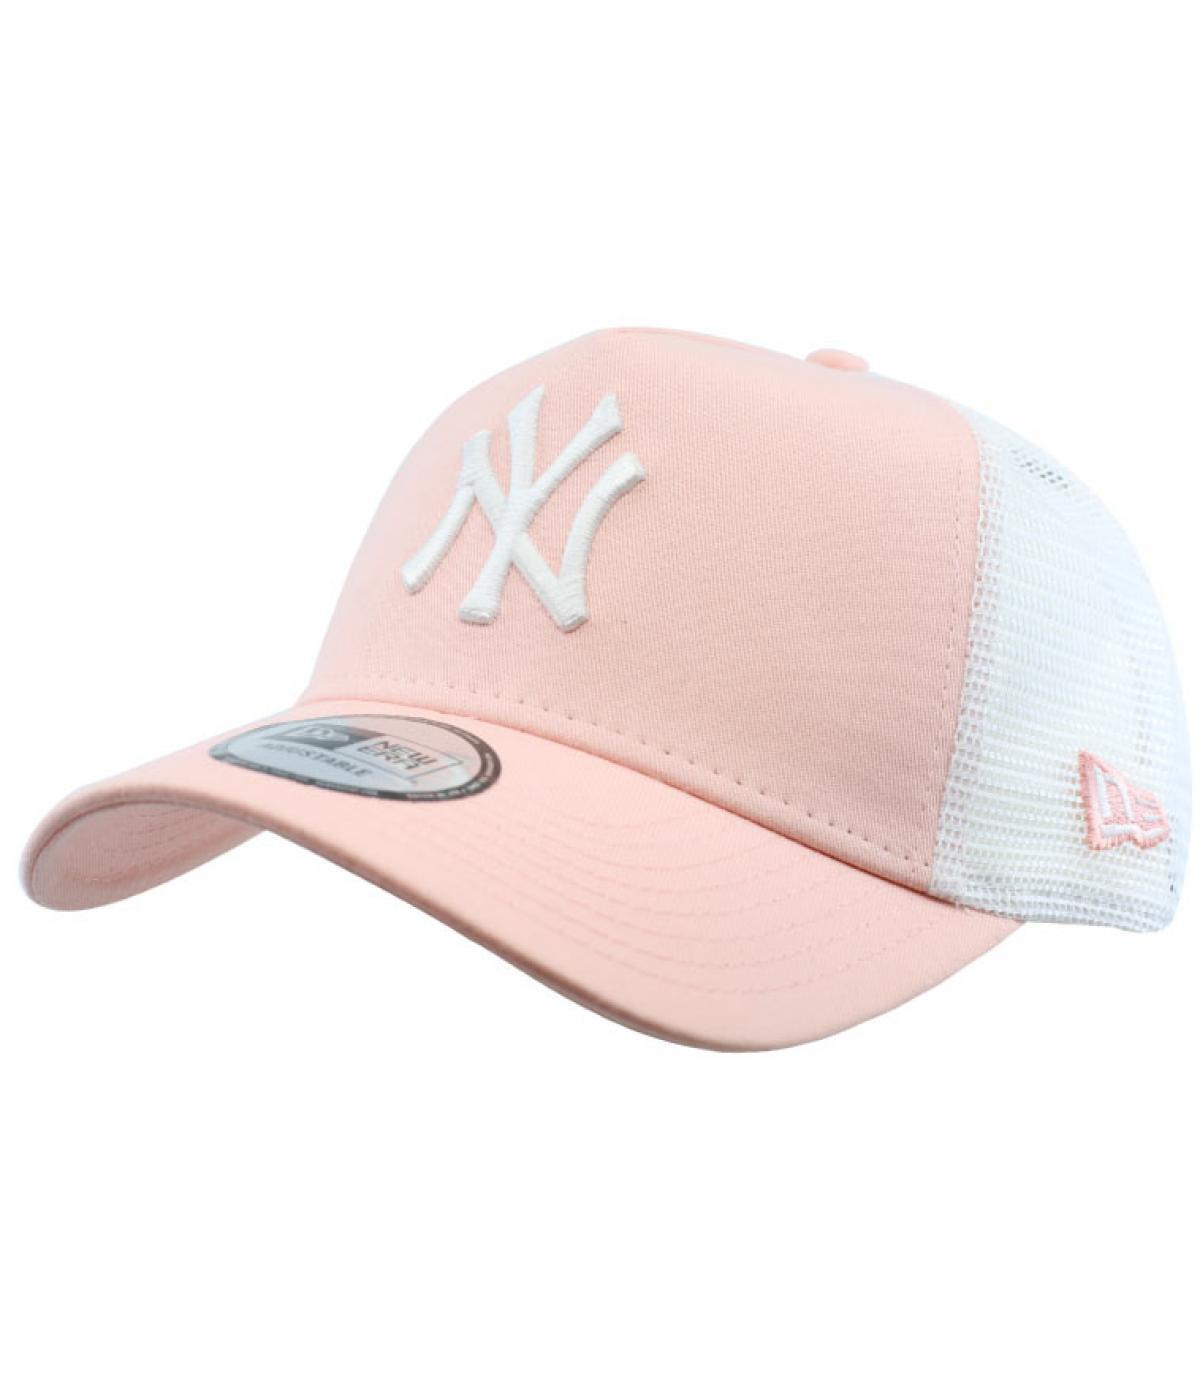 Détails Trucker League Ess NY pink lemonade - image 2